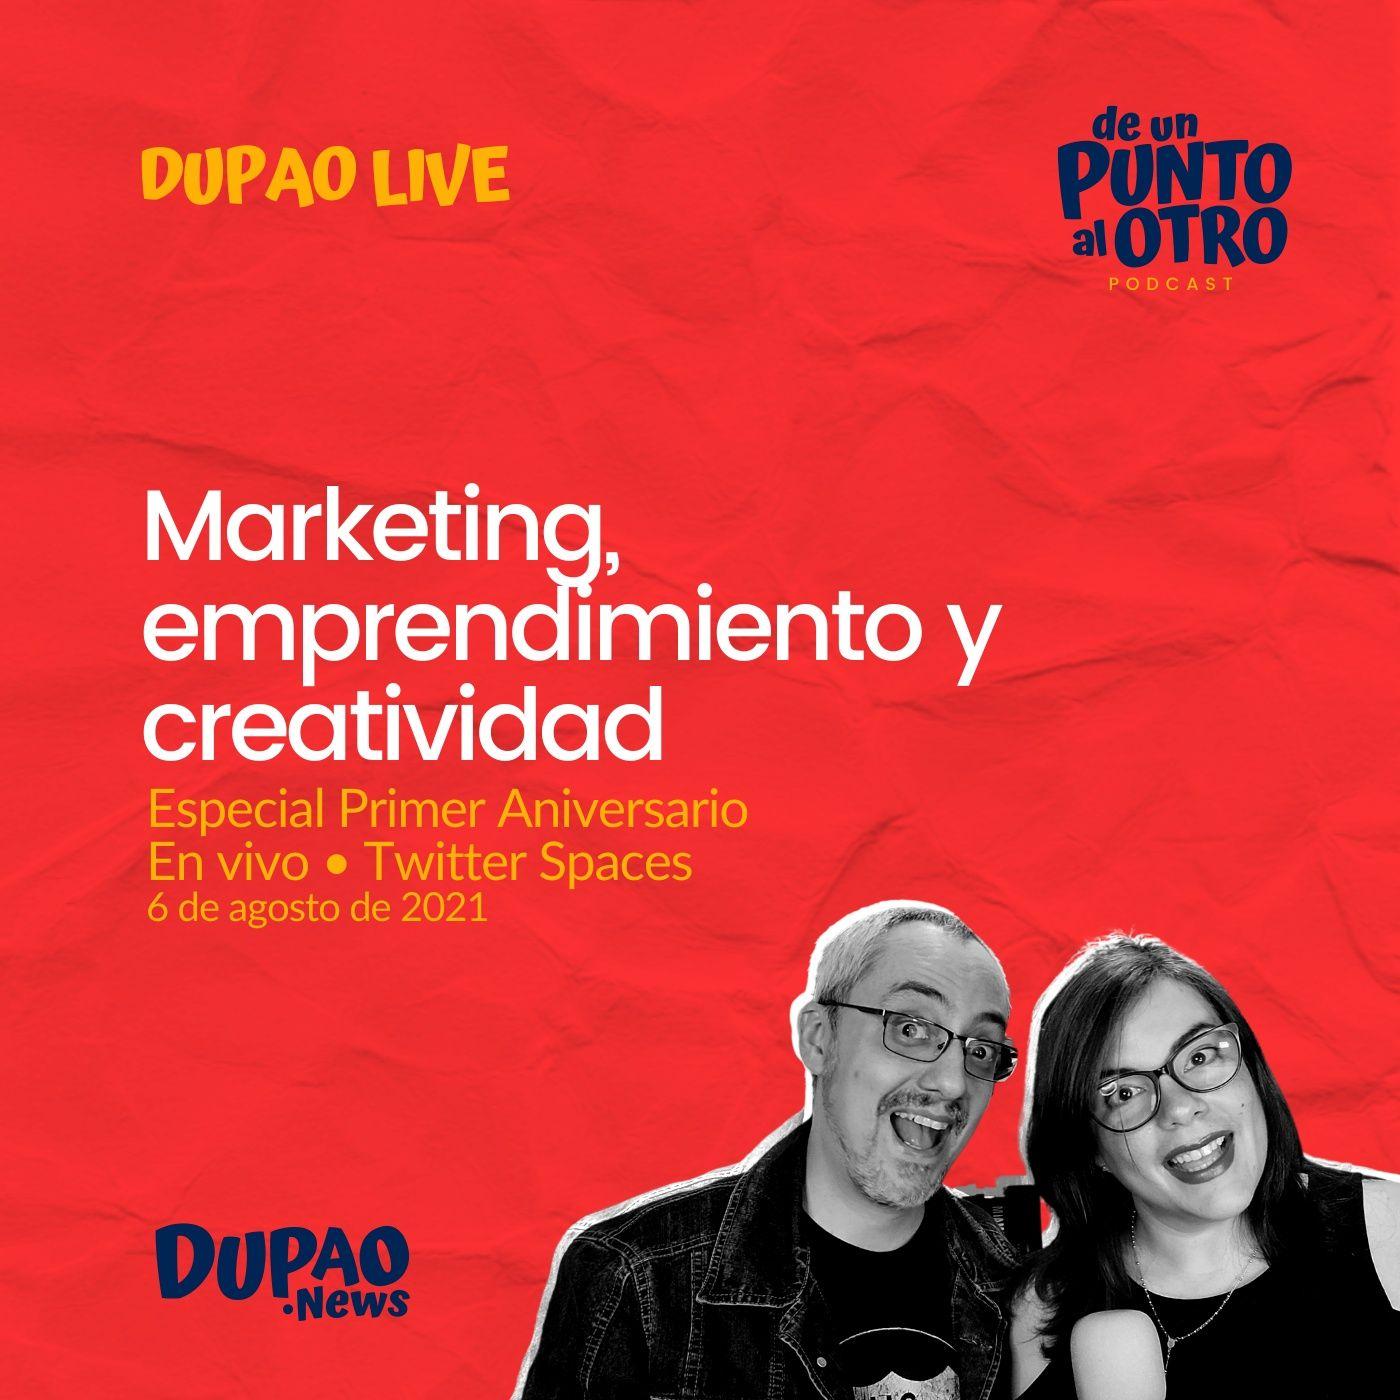 LIVE 02 • Marketing, emprendimiento y creatividad: especial aniversario 'De un punto al otro' • DUPAO.news